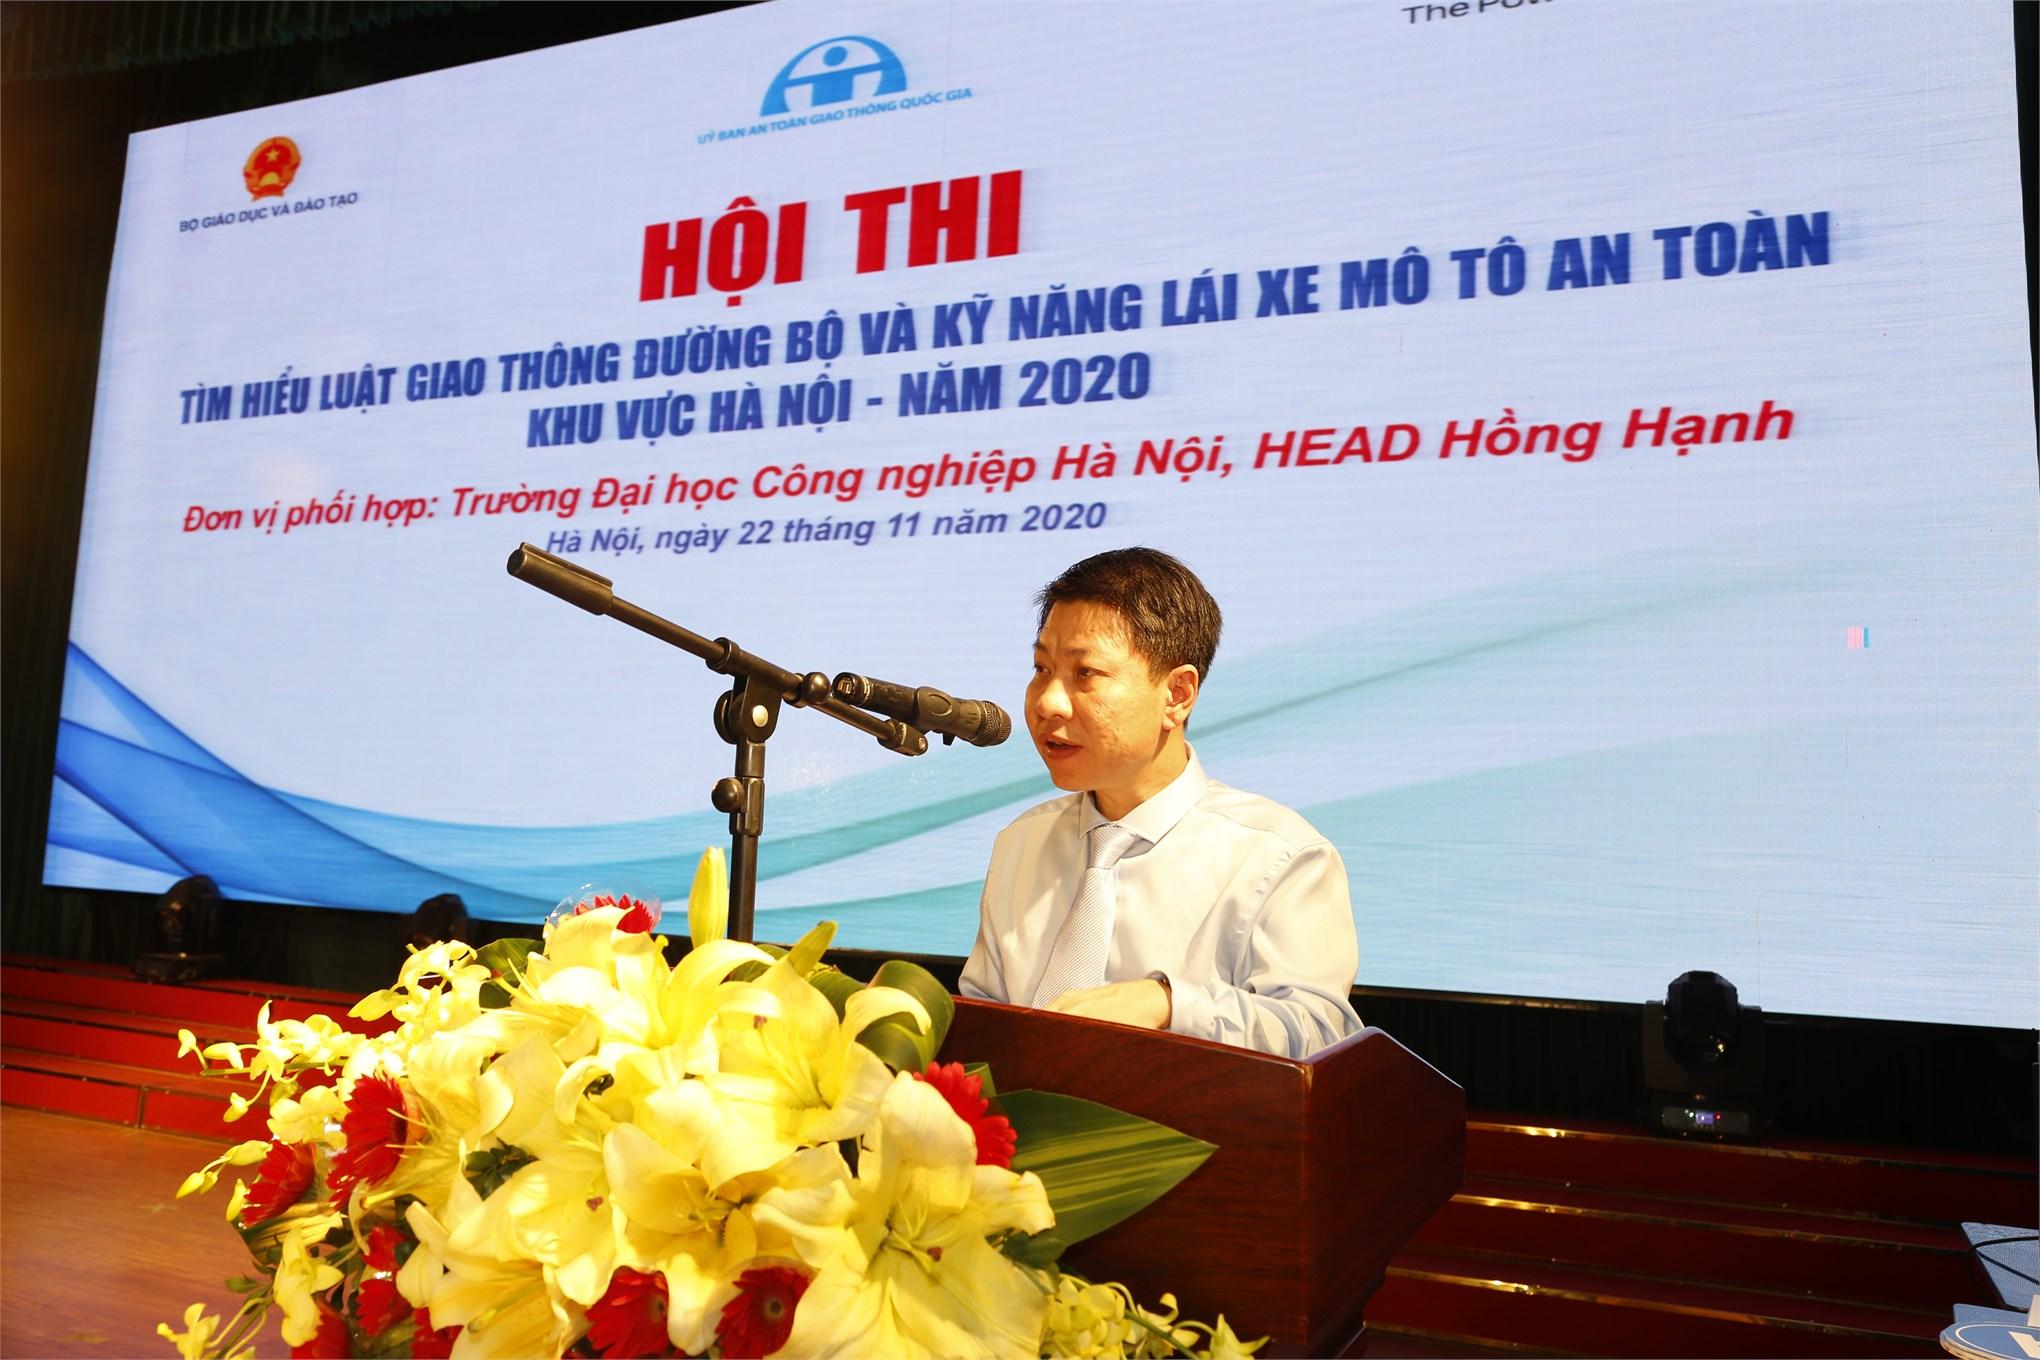 Ông Nguyễn Xuân An Việt – Phó Vụ trưởng – Vụ Giáo dục Chính trị & Công tác HSSV – Bộ GD & ĐT phát biểu khai mạc Hội thi.